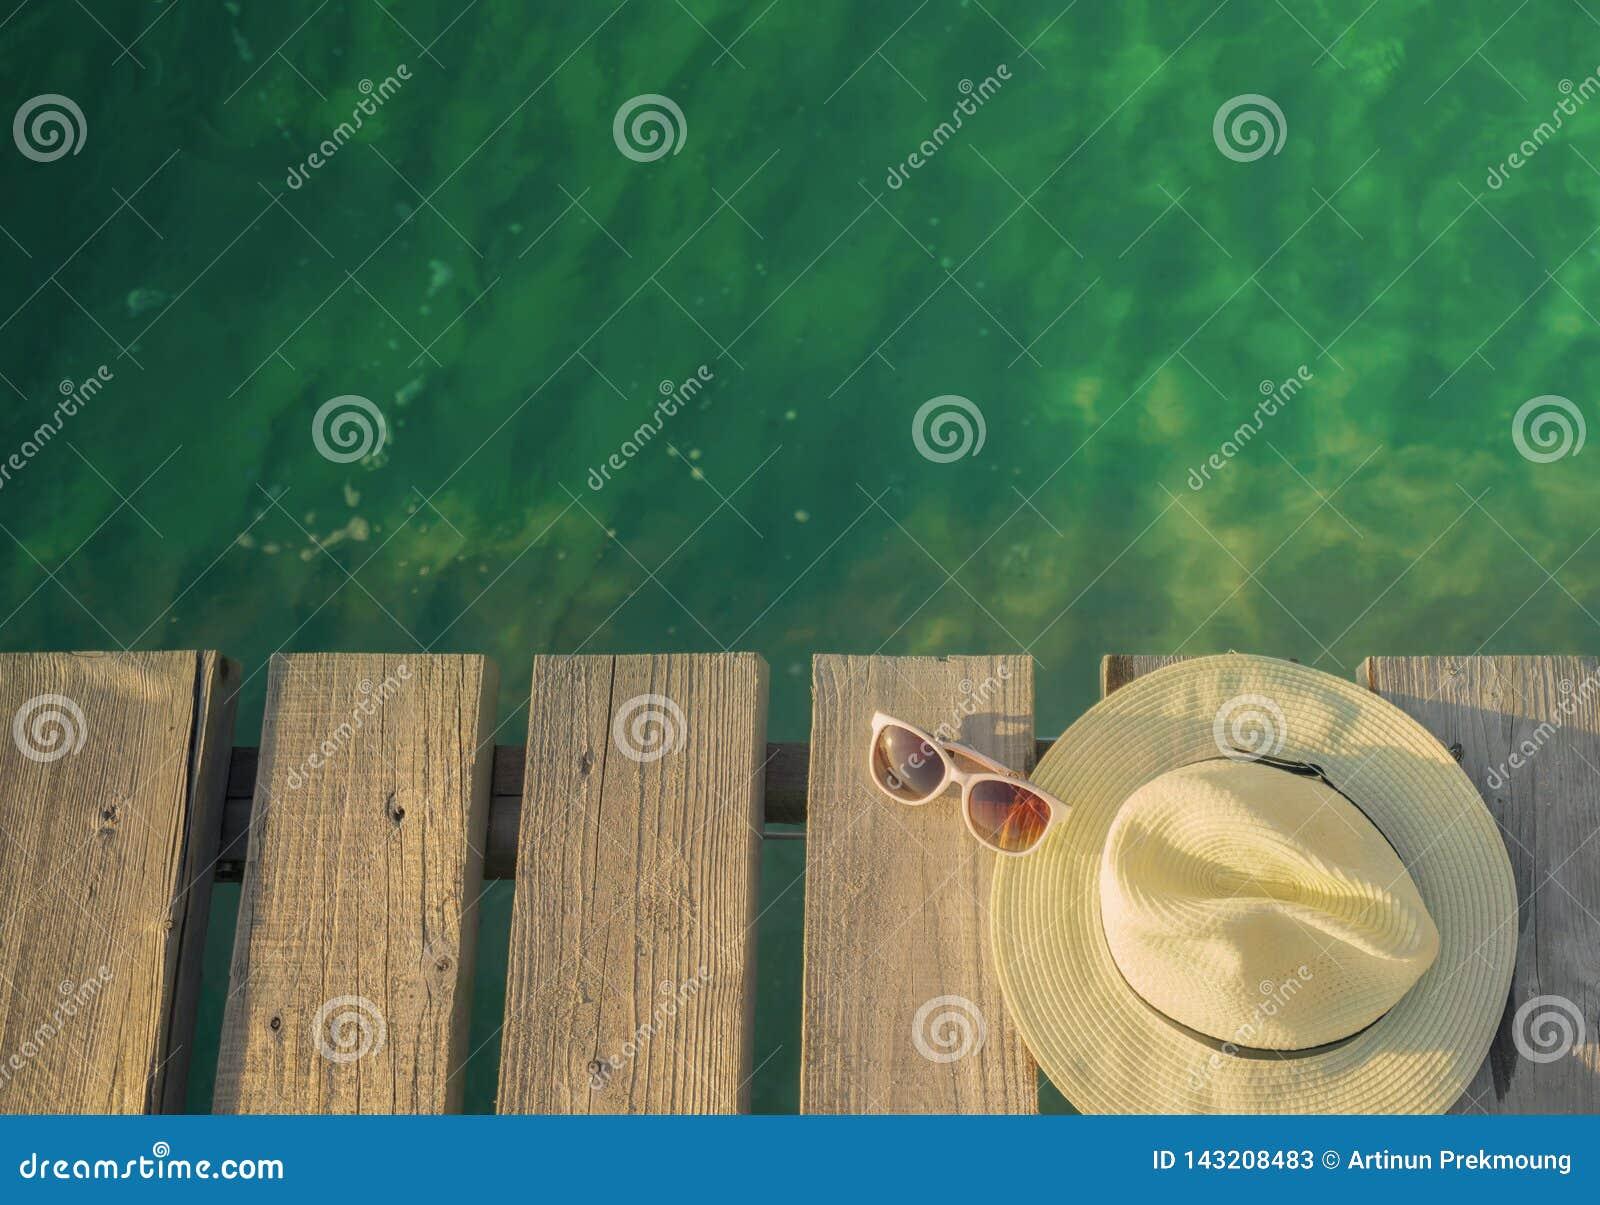 Vista superior do chapéu e dos óculos de sol de palha na ponte de madeira sobre a água do mar verde esmeralda Fundo do curso das